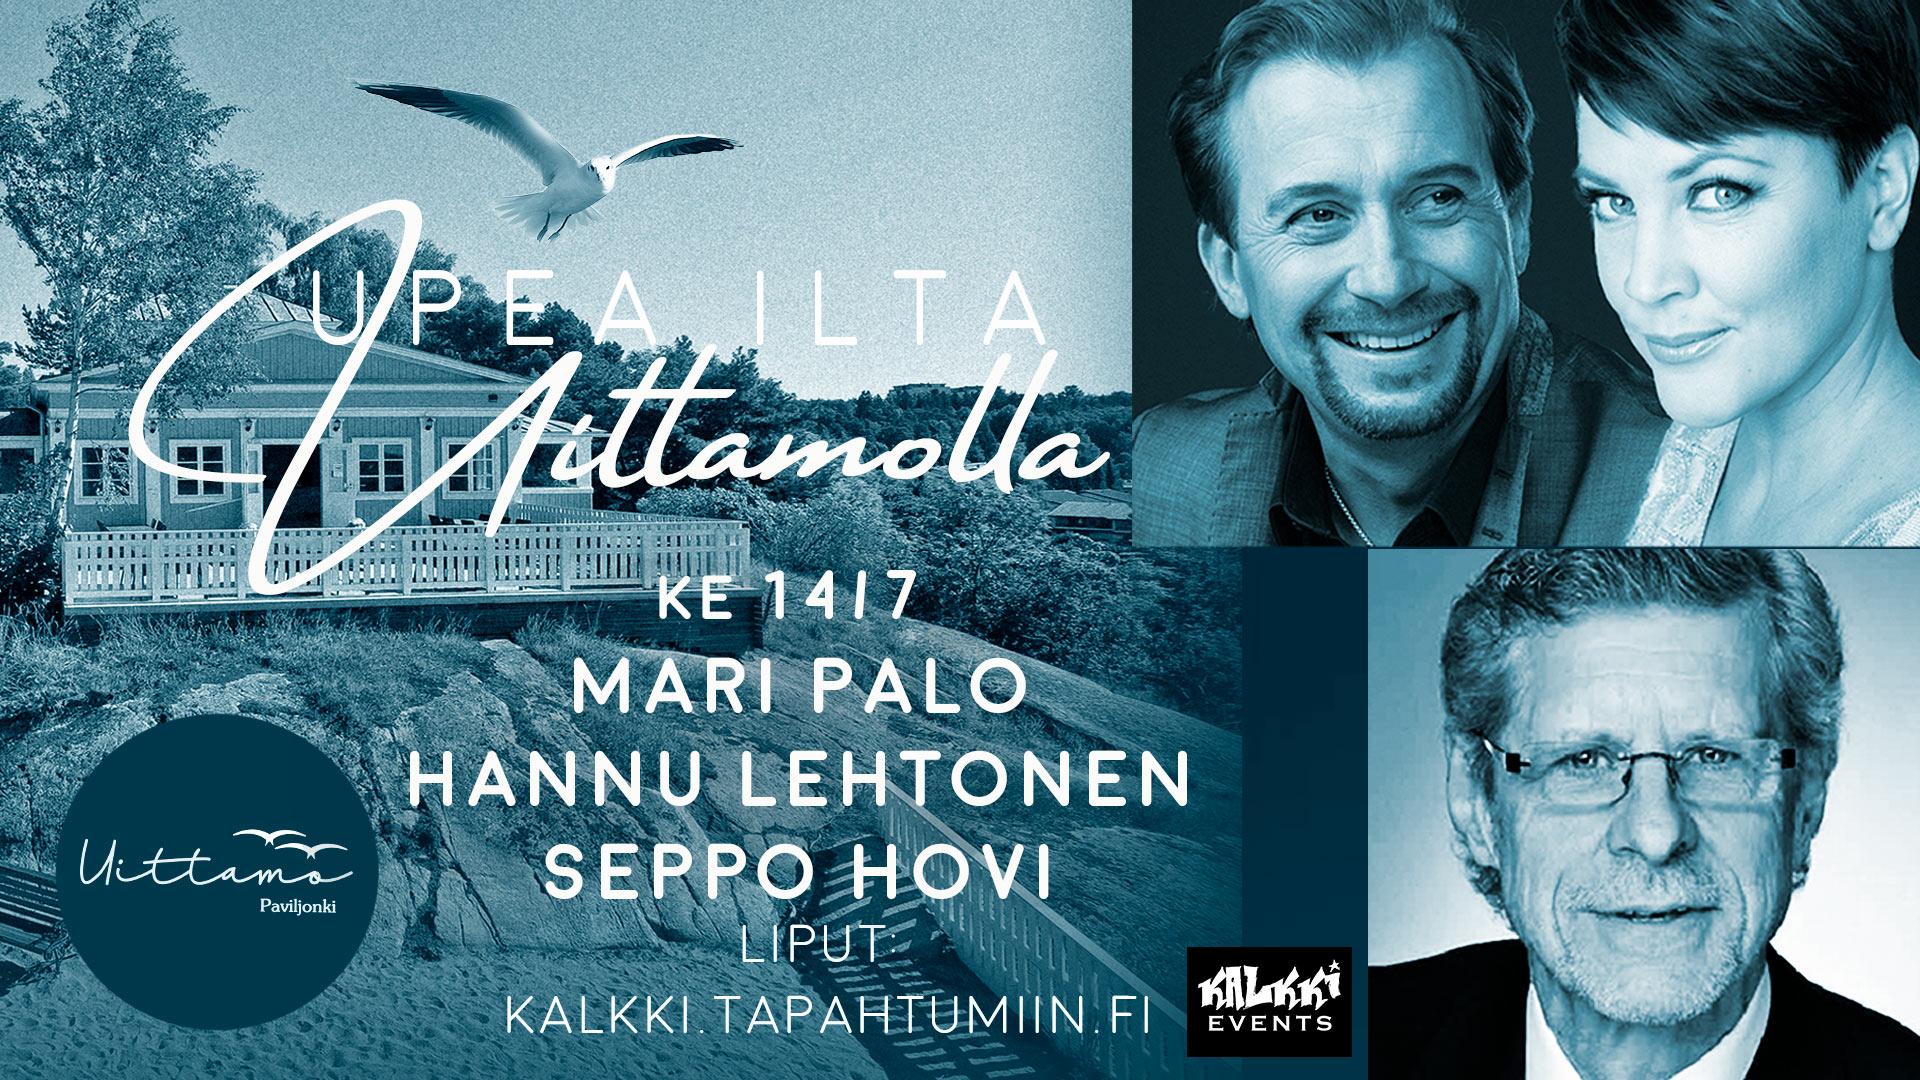 Upea ilta Uittamolla: Mari Palo, Hannu Lehtonen & Seppo Hovi